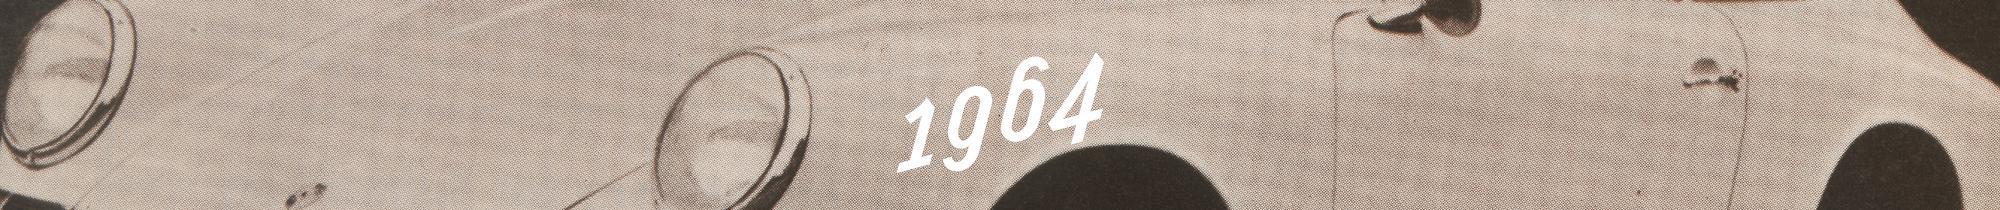 petit-slider-brochure-1964